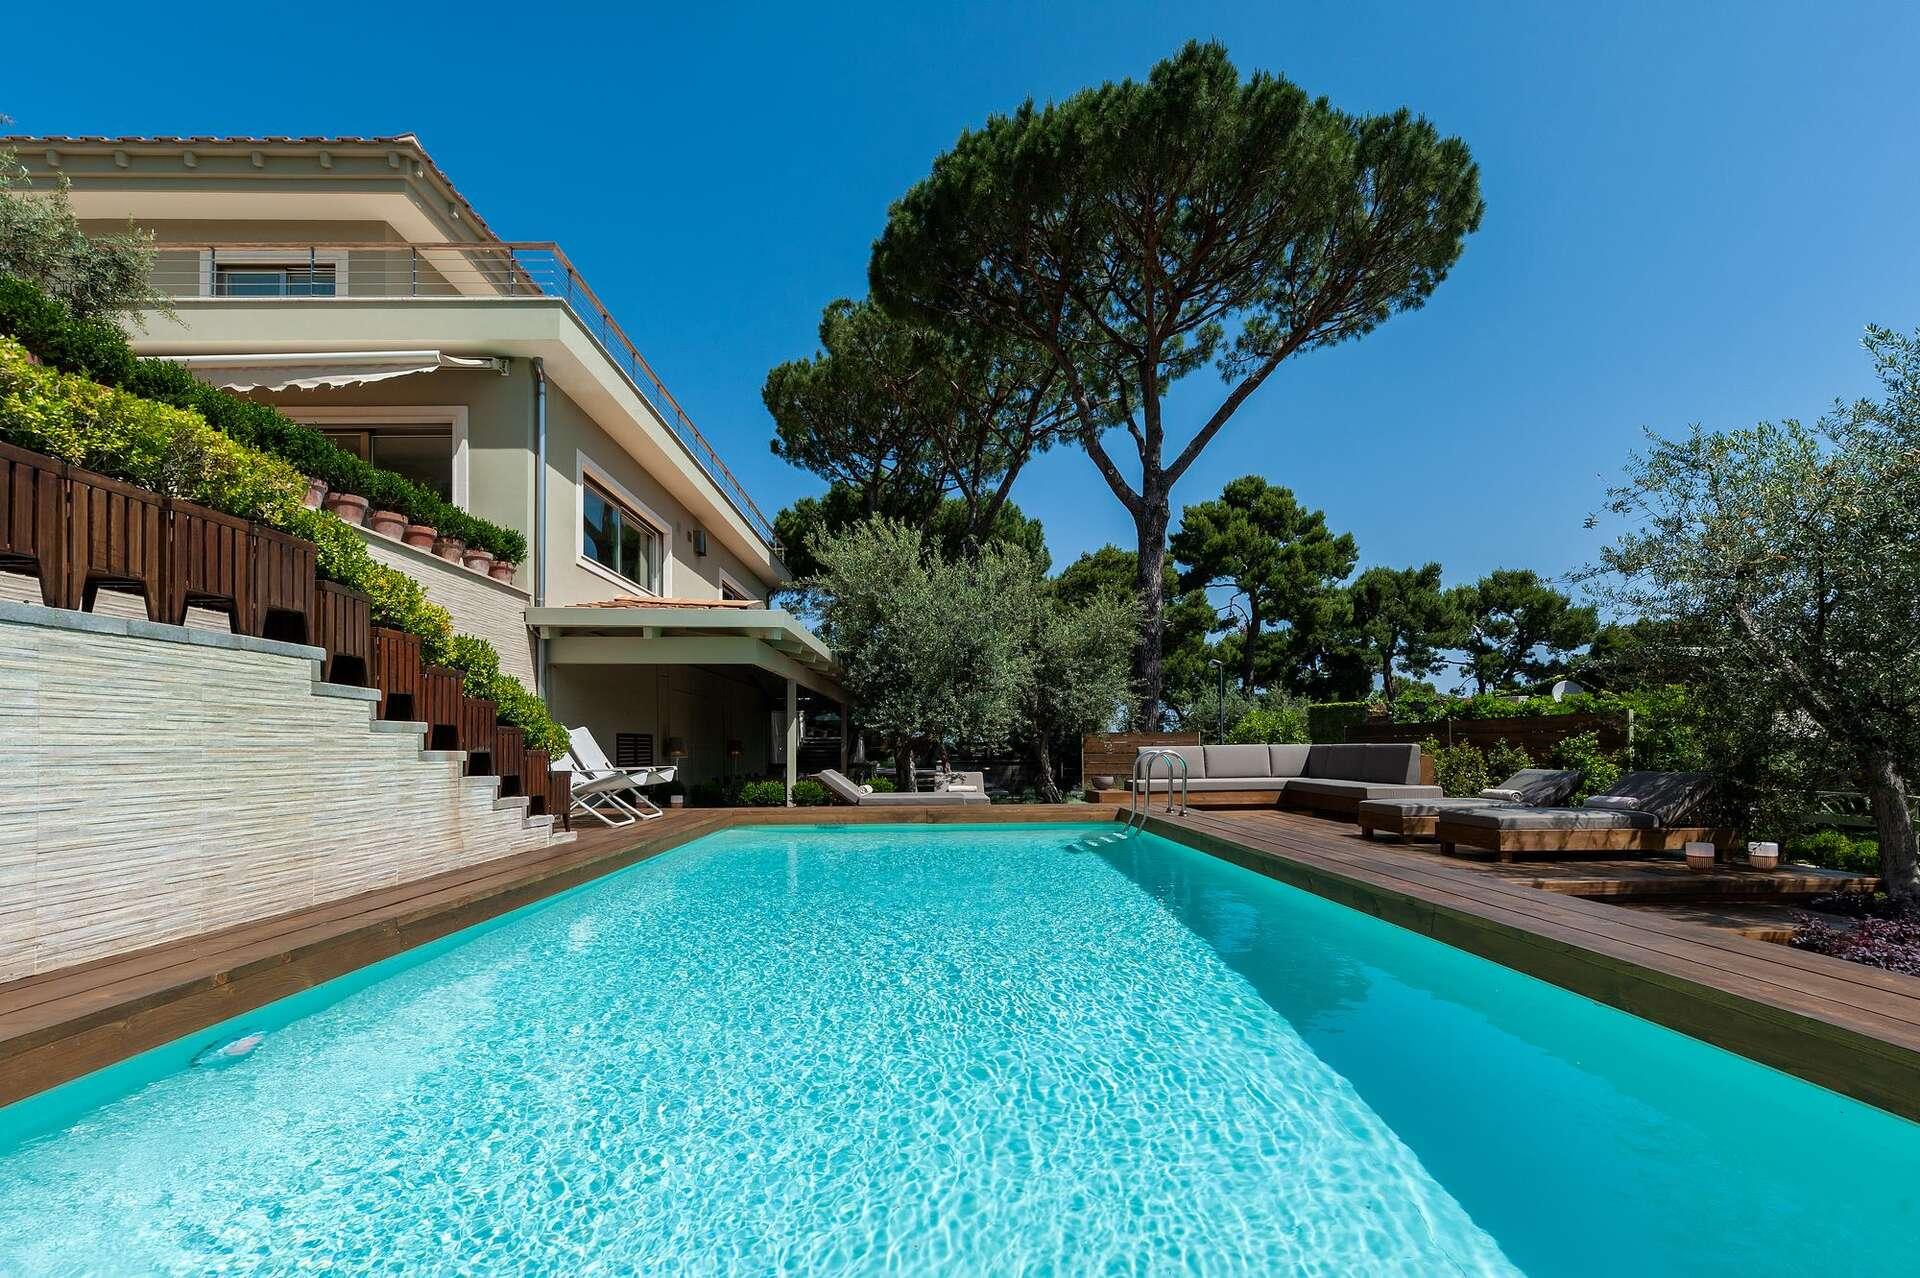 - Sorrento Villa - Image 1/36